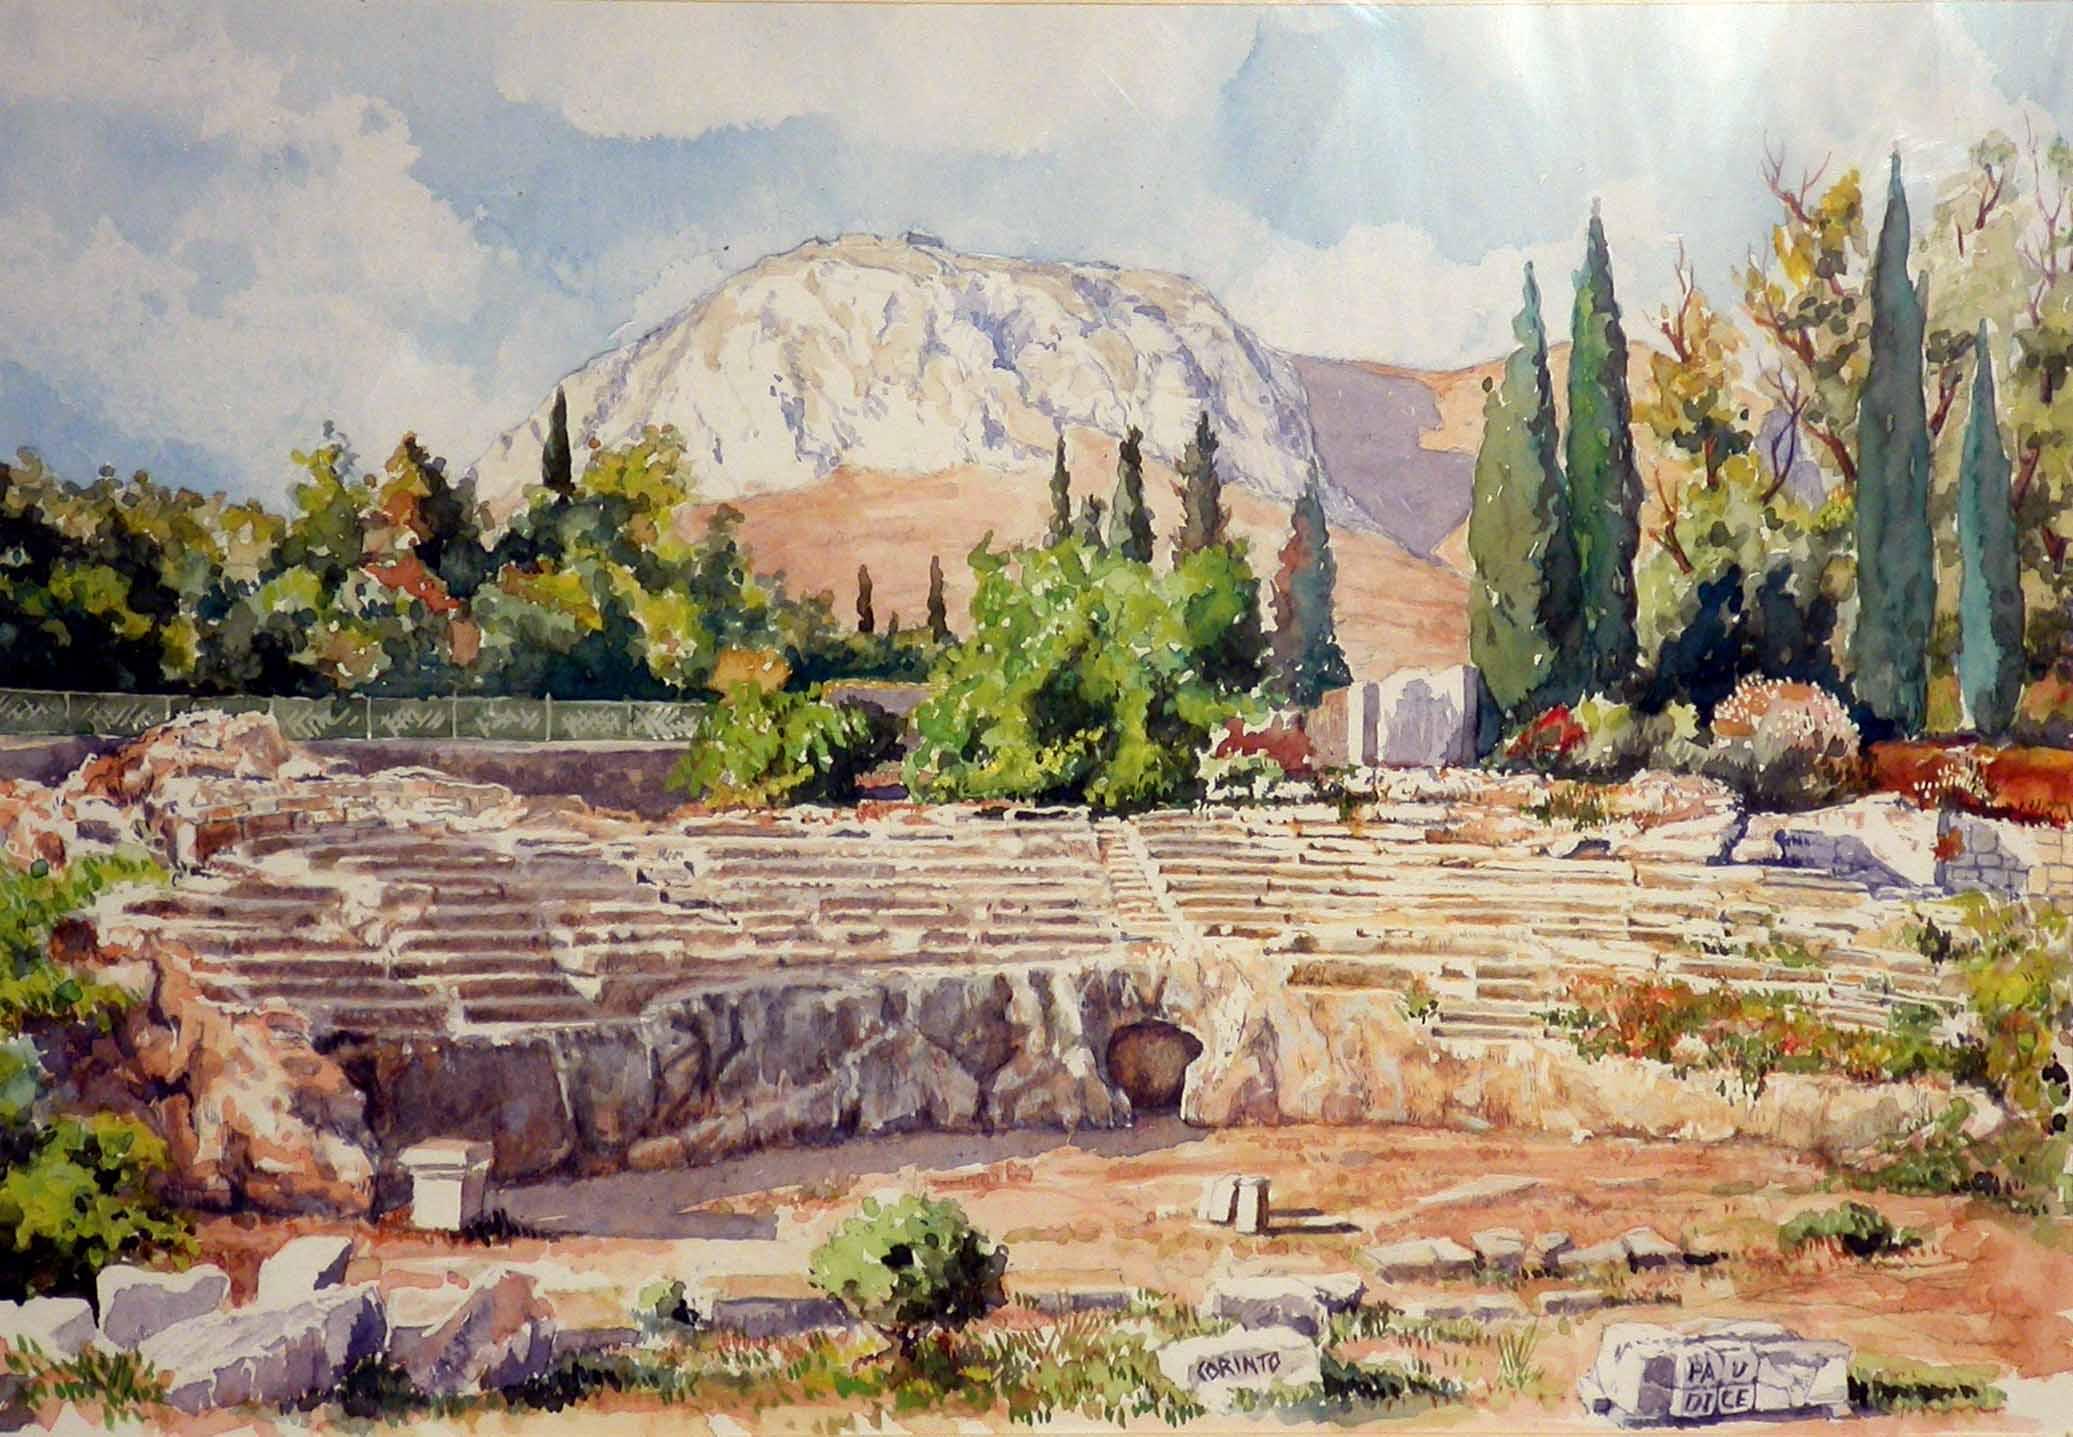 Vincenzo Paudice - Corinto, Odeon romano del I sec d.C.